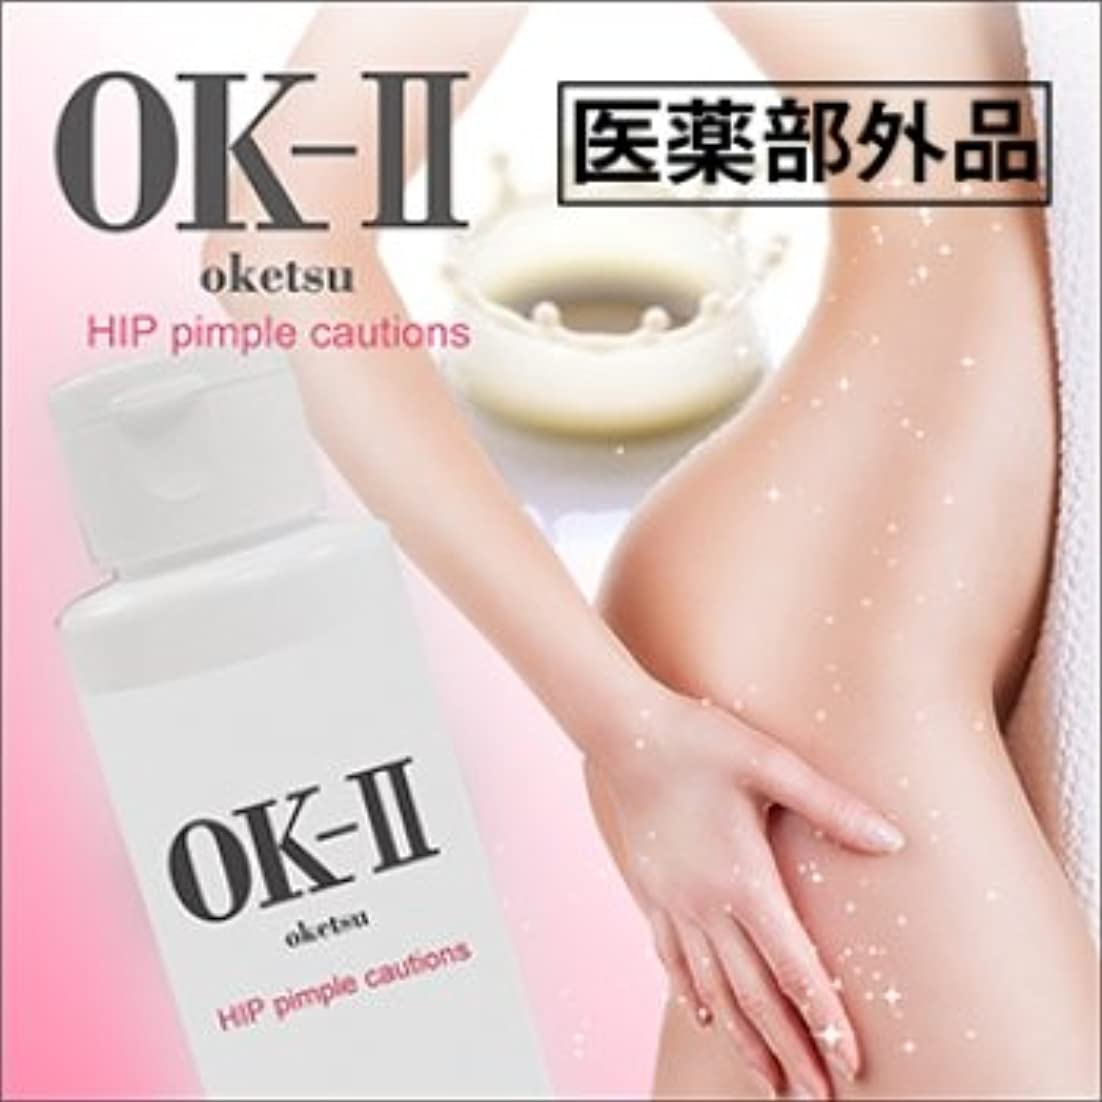 分析的な勇敢な鳴り響くOK-IIオッケーツー(薬用お尻ニキビケアボディ乳液)医薬部外品